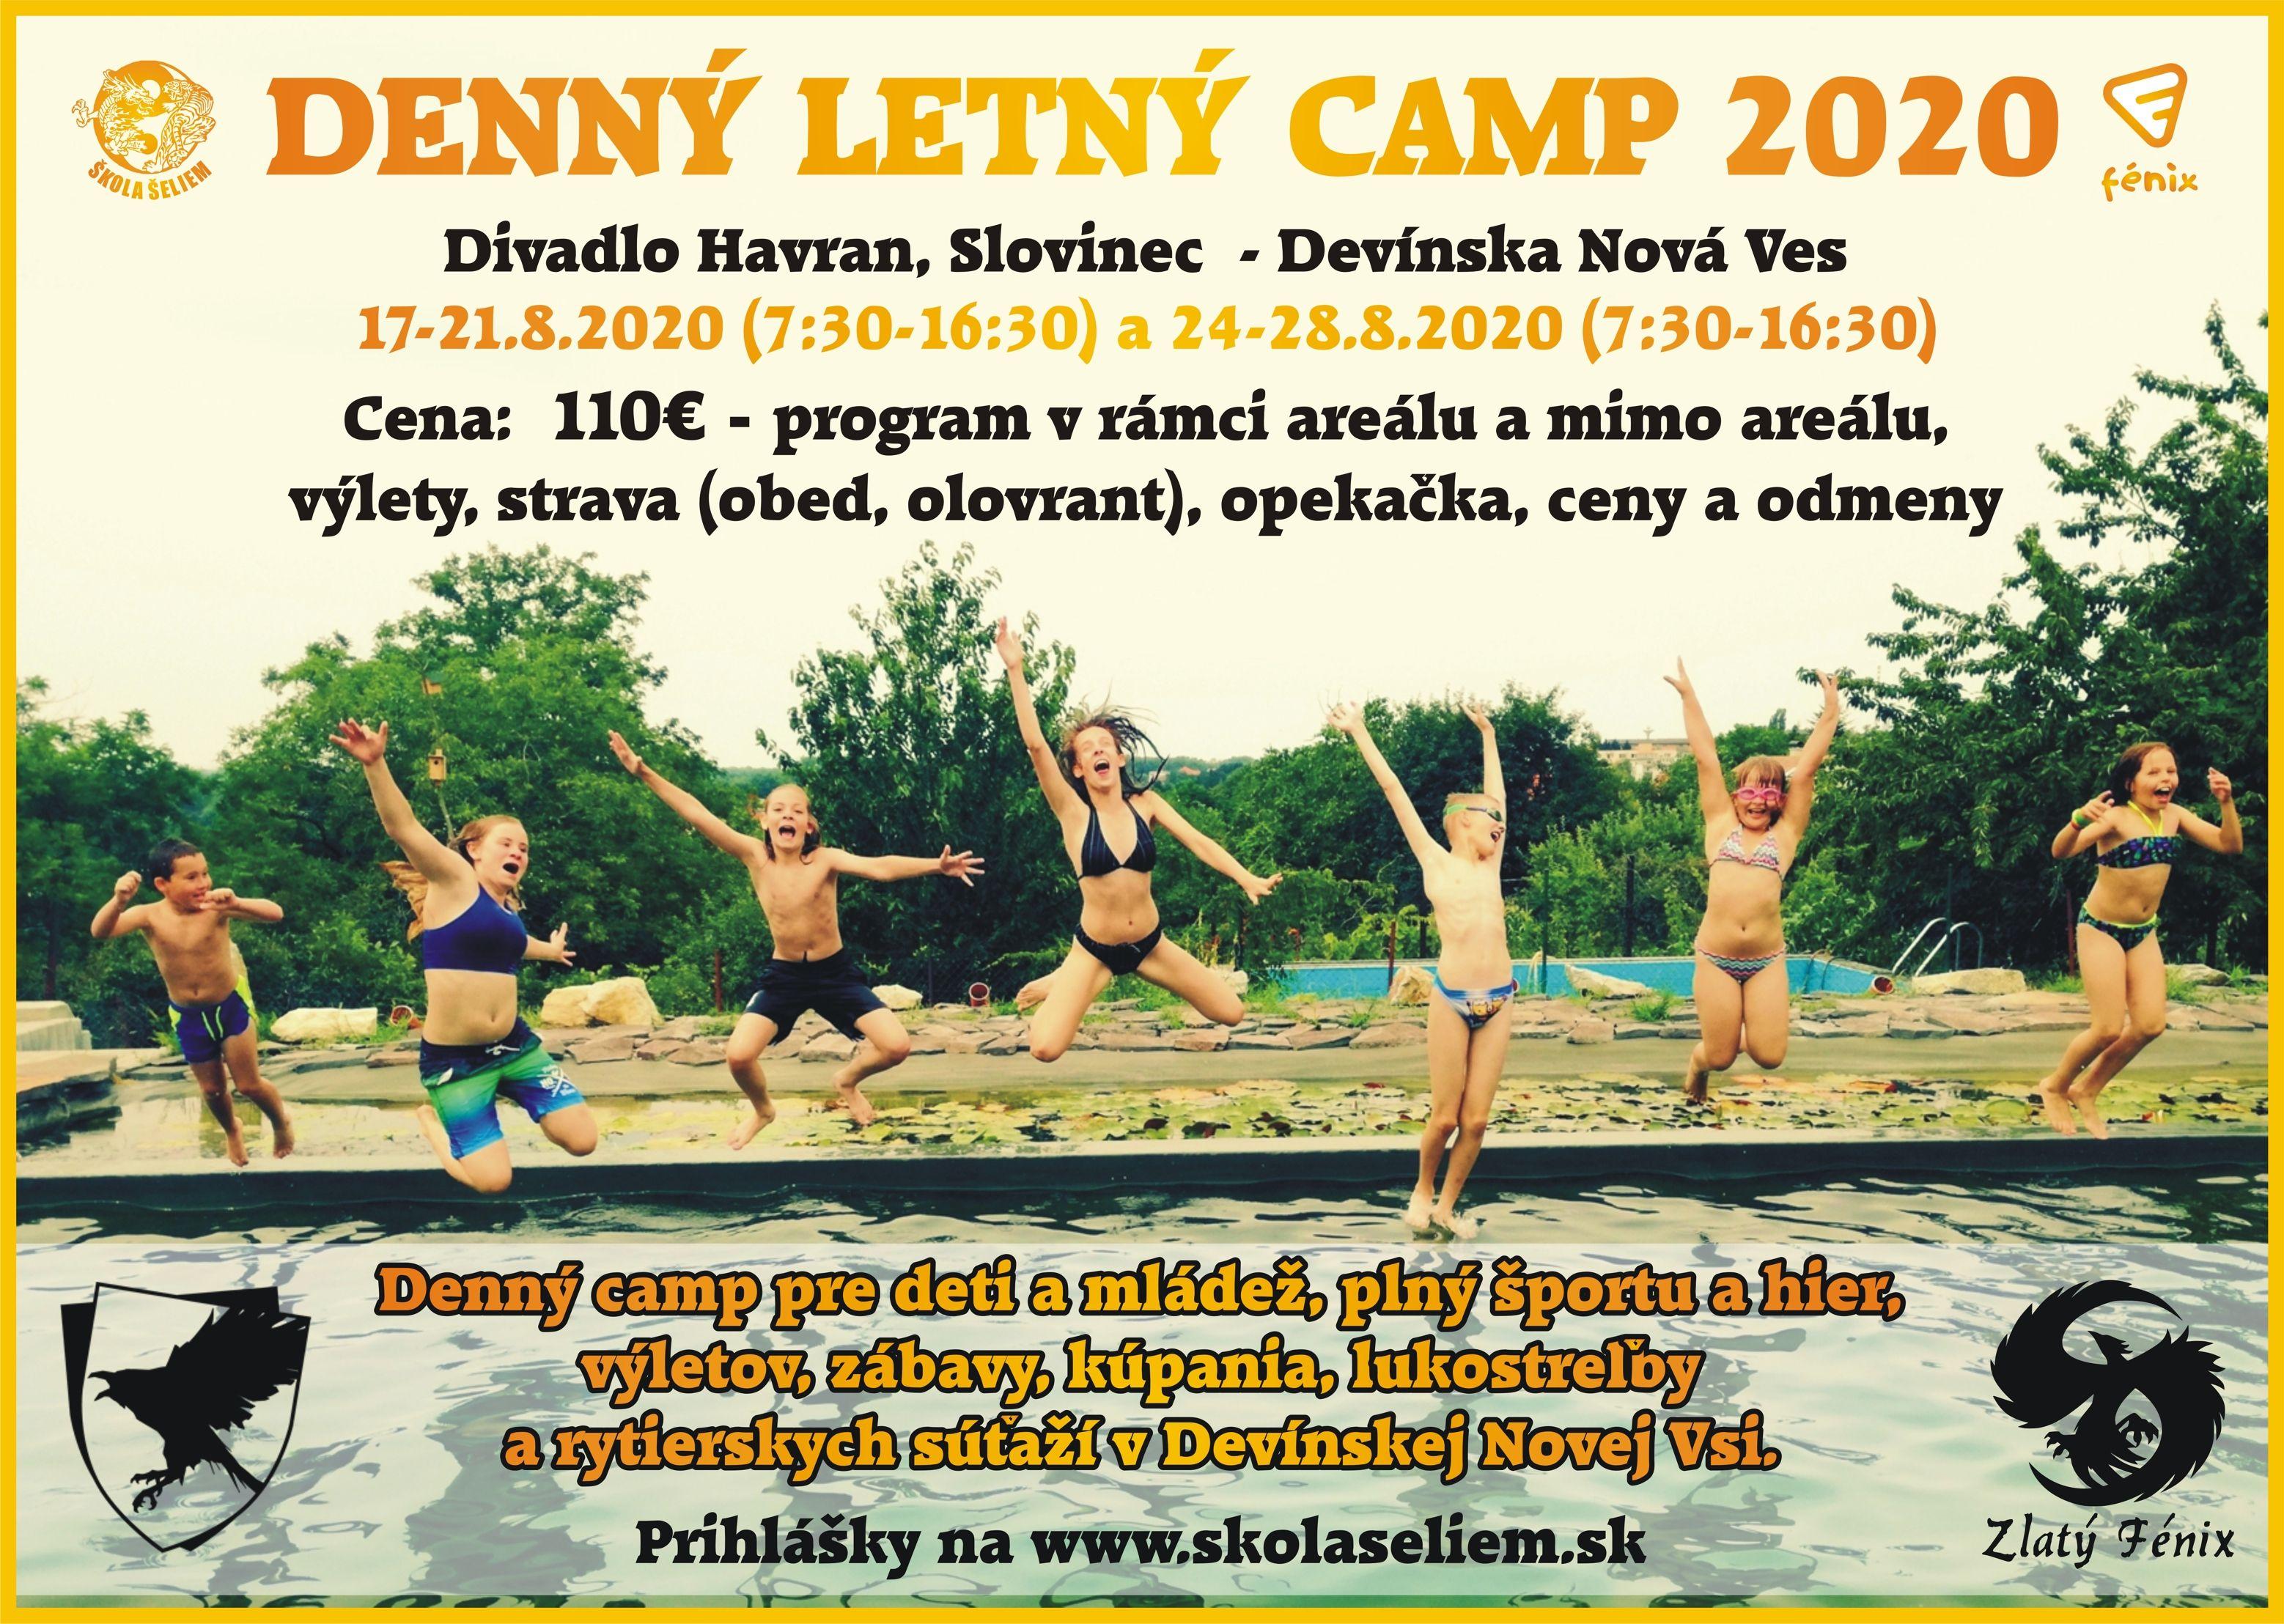 Denný letný camp 2020